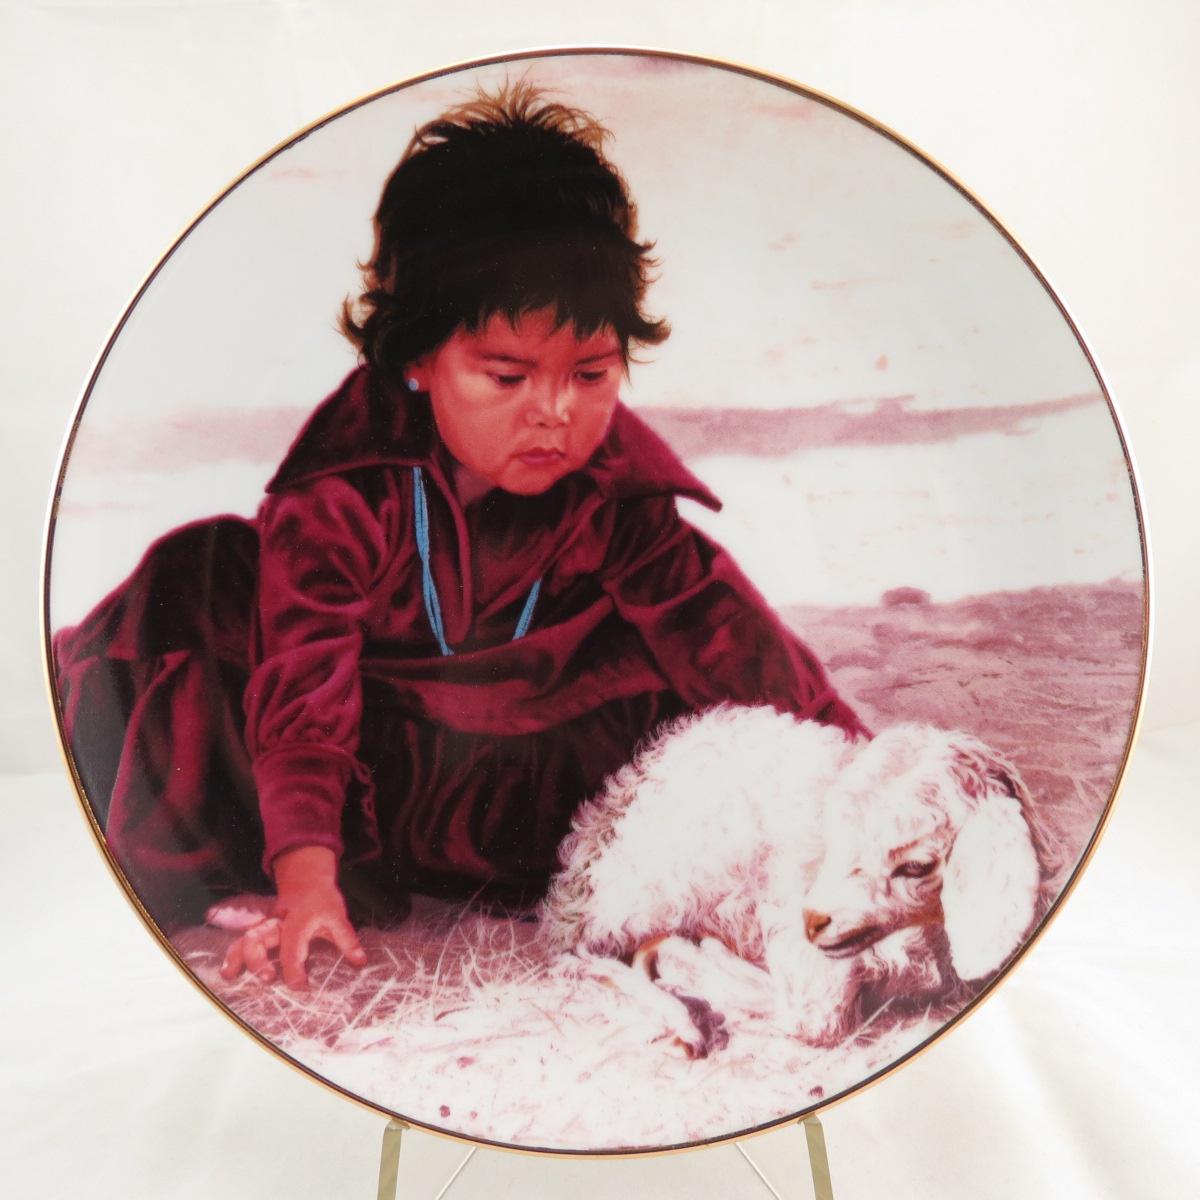 """Декоративная тарелка The Hamilton Collection """"Гордая нация: Всего Несколько Дней От Роду"""". Фарфор, деколь, золочение. США, Рей Свенсон, 1988"""